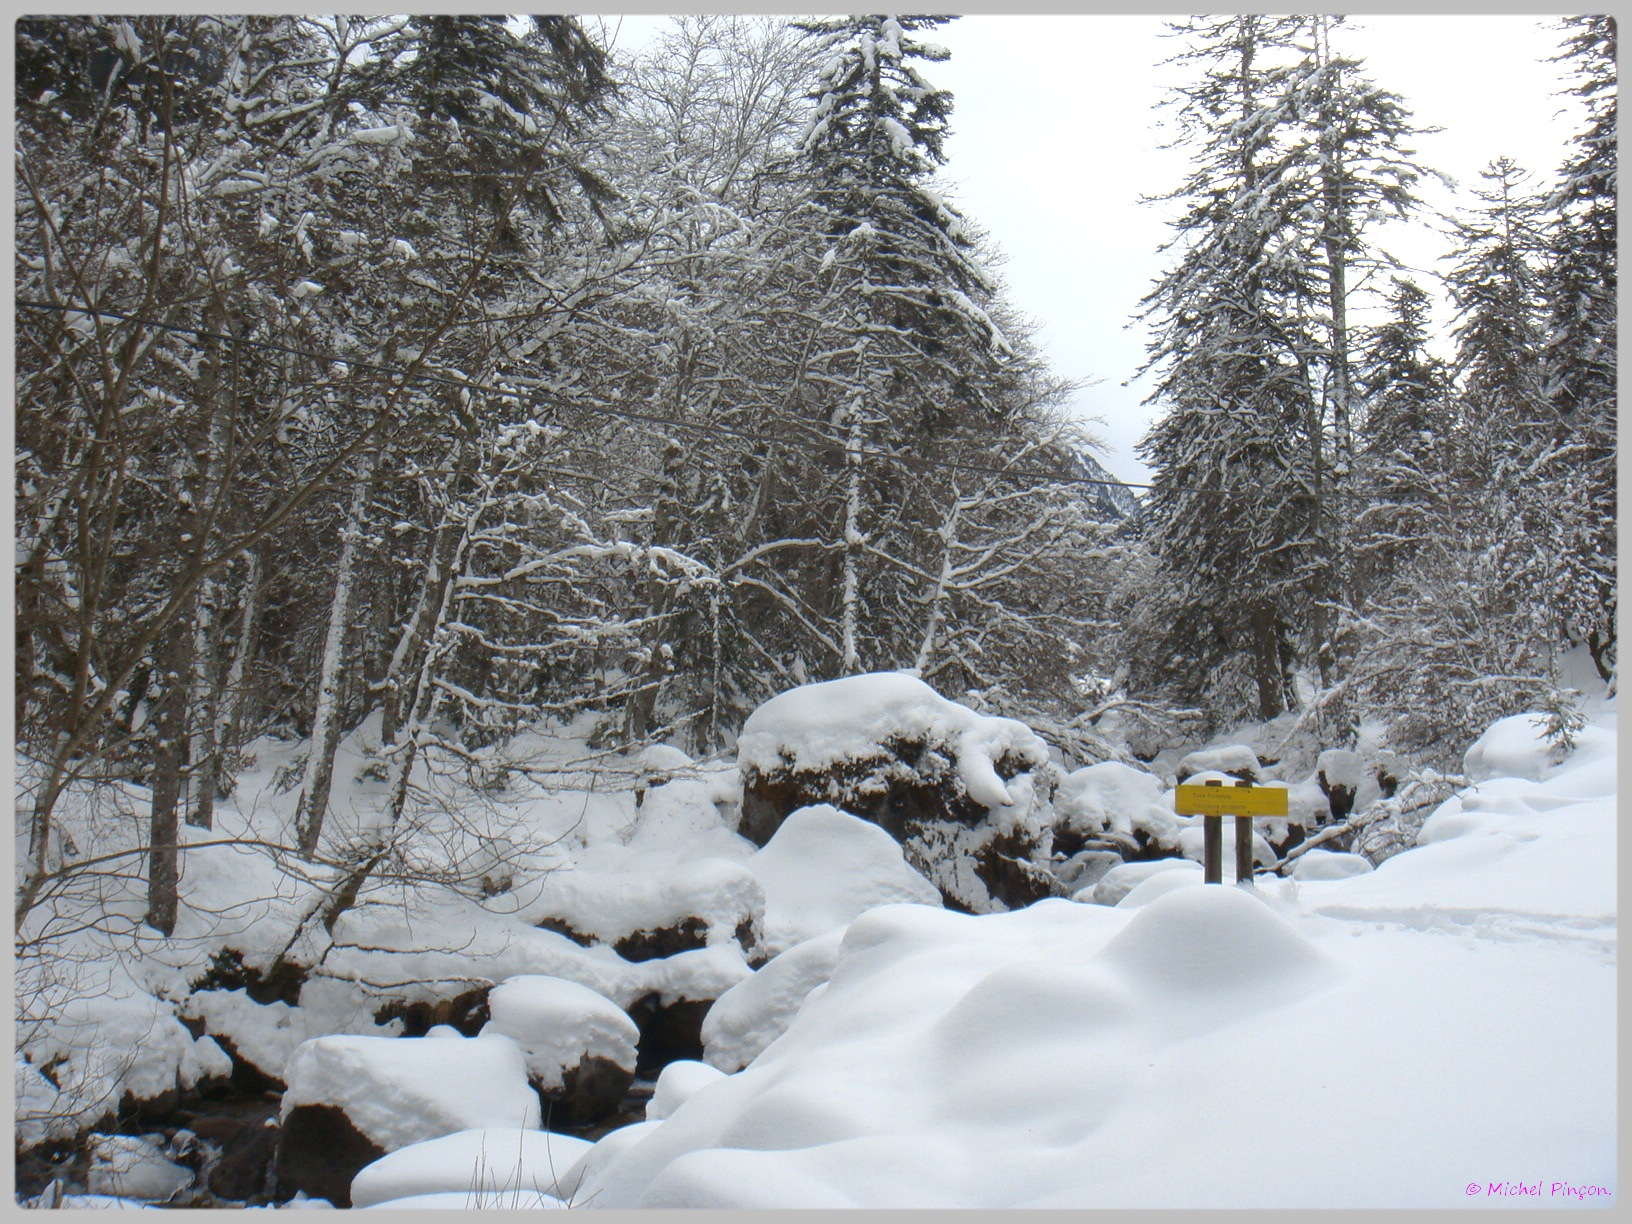 Une semaine à la Neige dans les Htes Pyrénées - Page 2 159650DSC011875